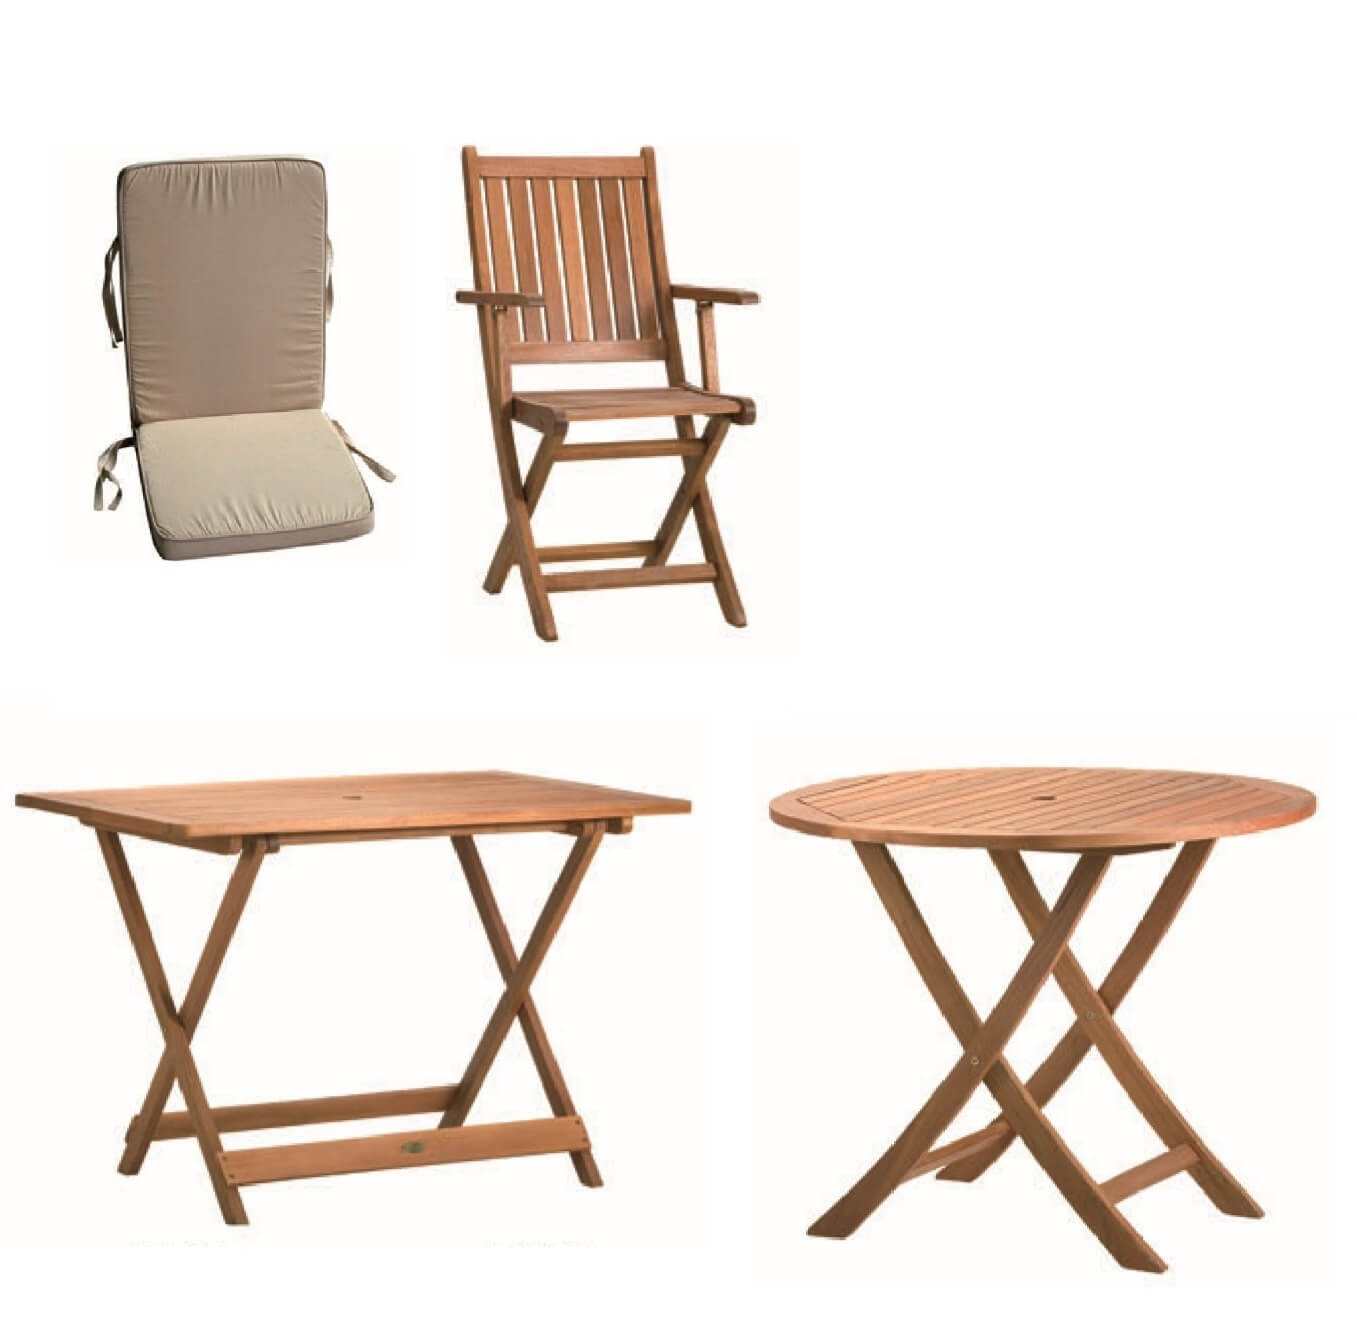 Coleccion de madera tropical de mesas y sillones para terraza y jardín